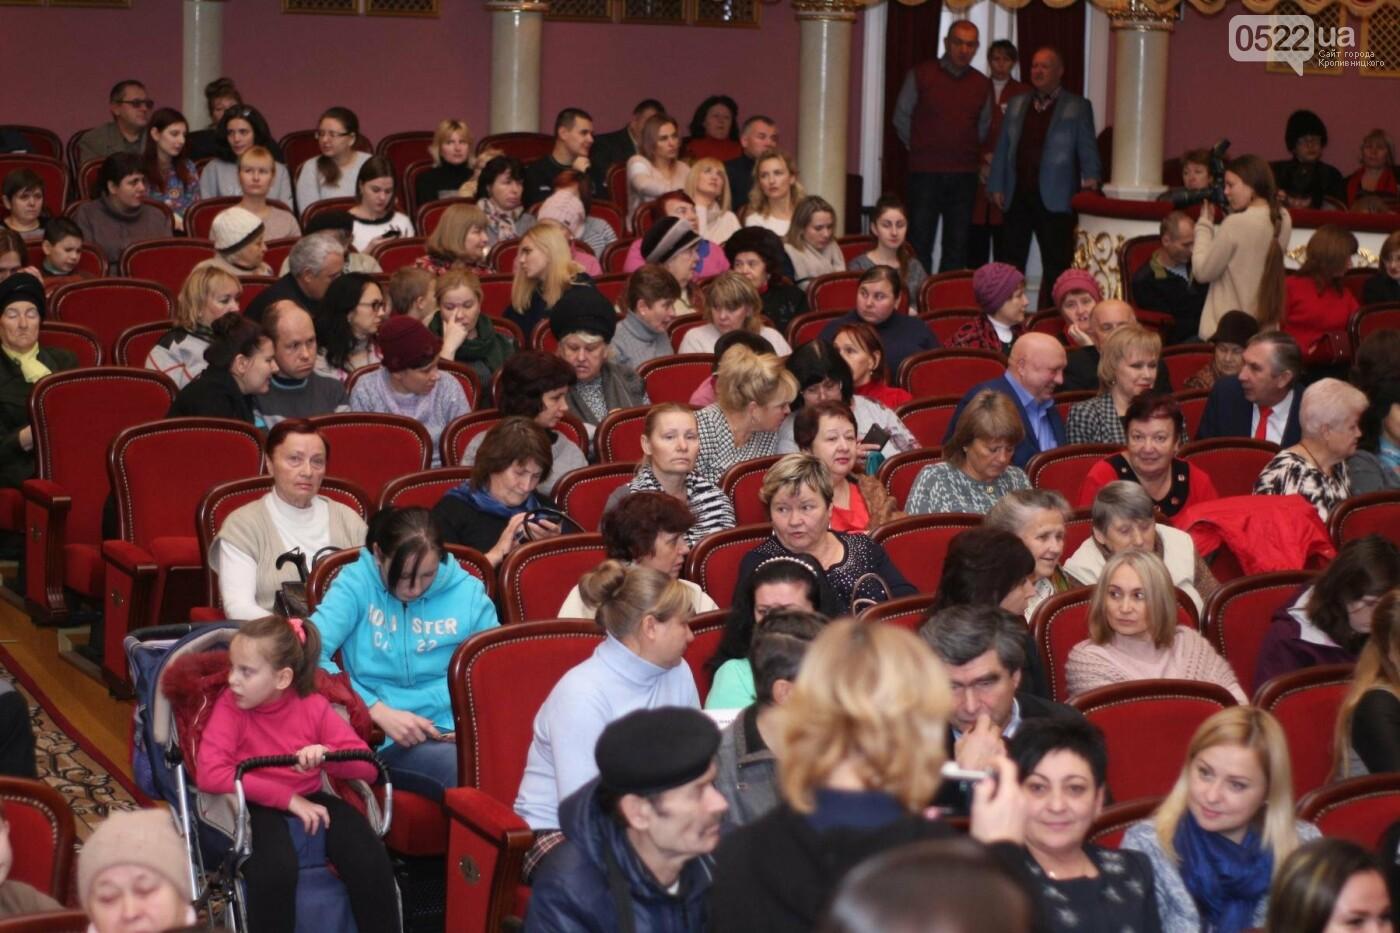 Урочистості до Міжнародного дня людей з інвалідністю відбулися у Кропивницькому, фото-41